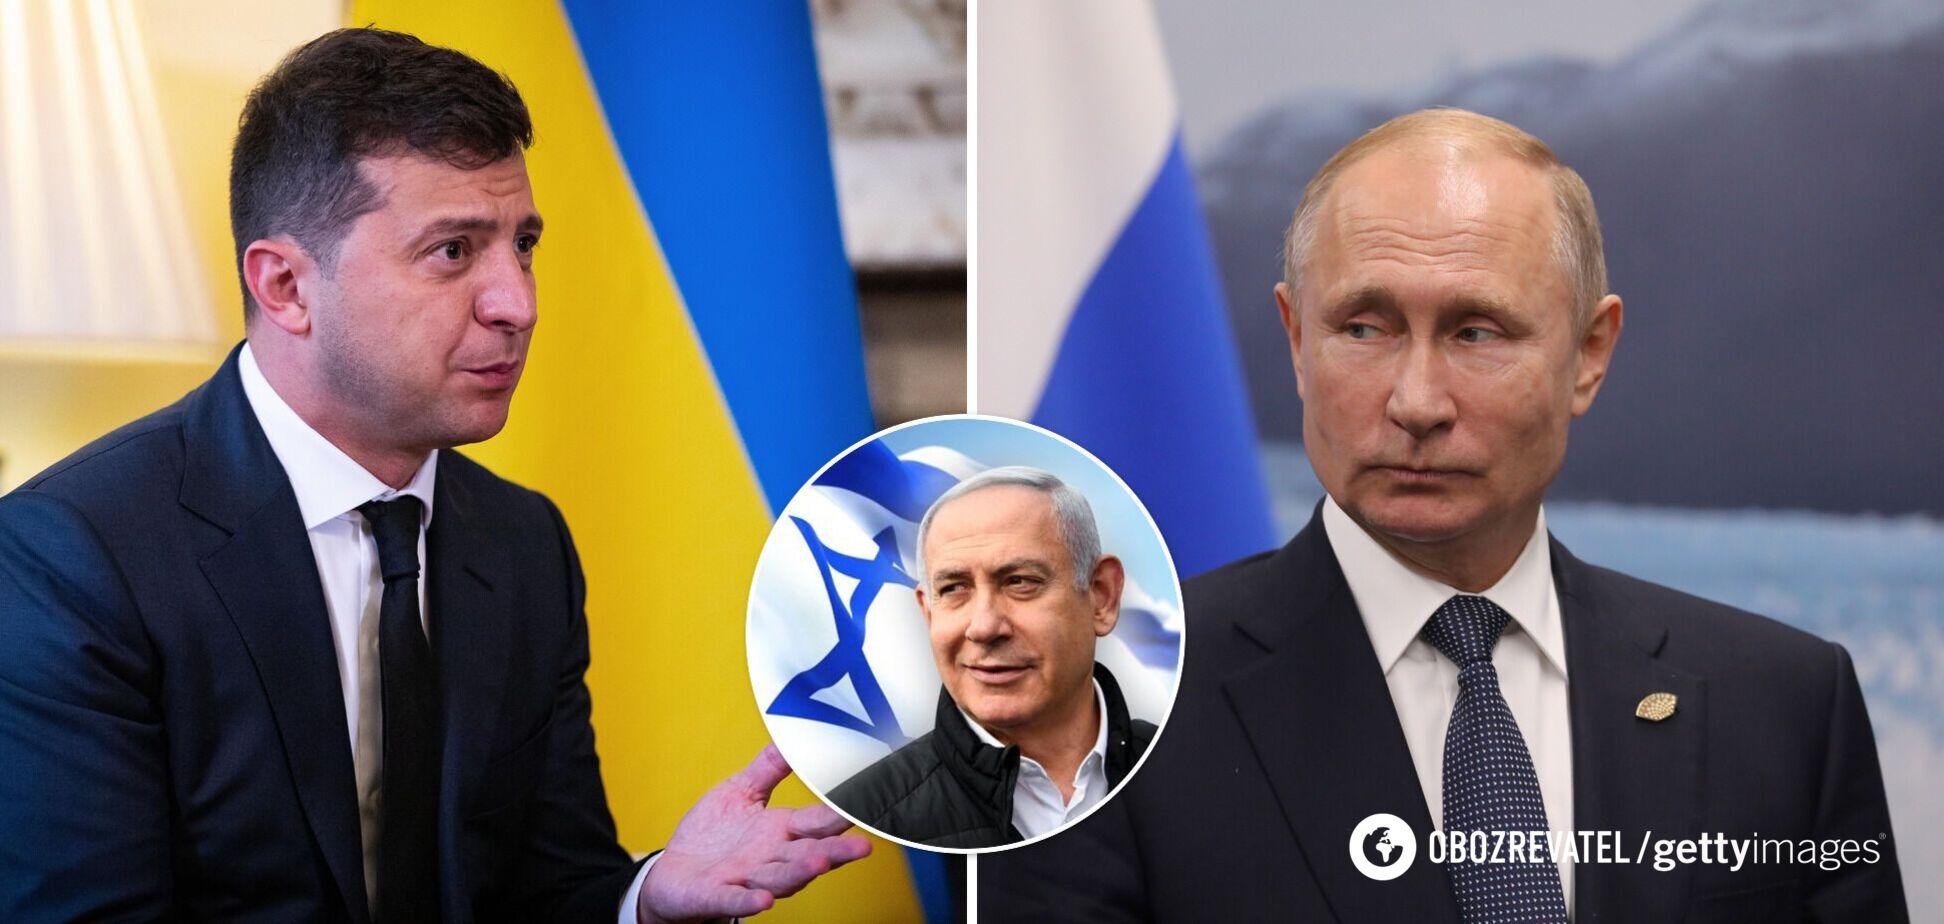 Прем'єру Ізраїлю запропонували роль посередника між Україною і Росією